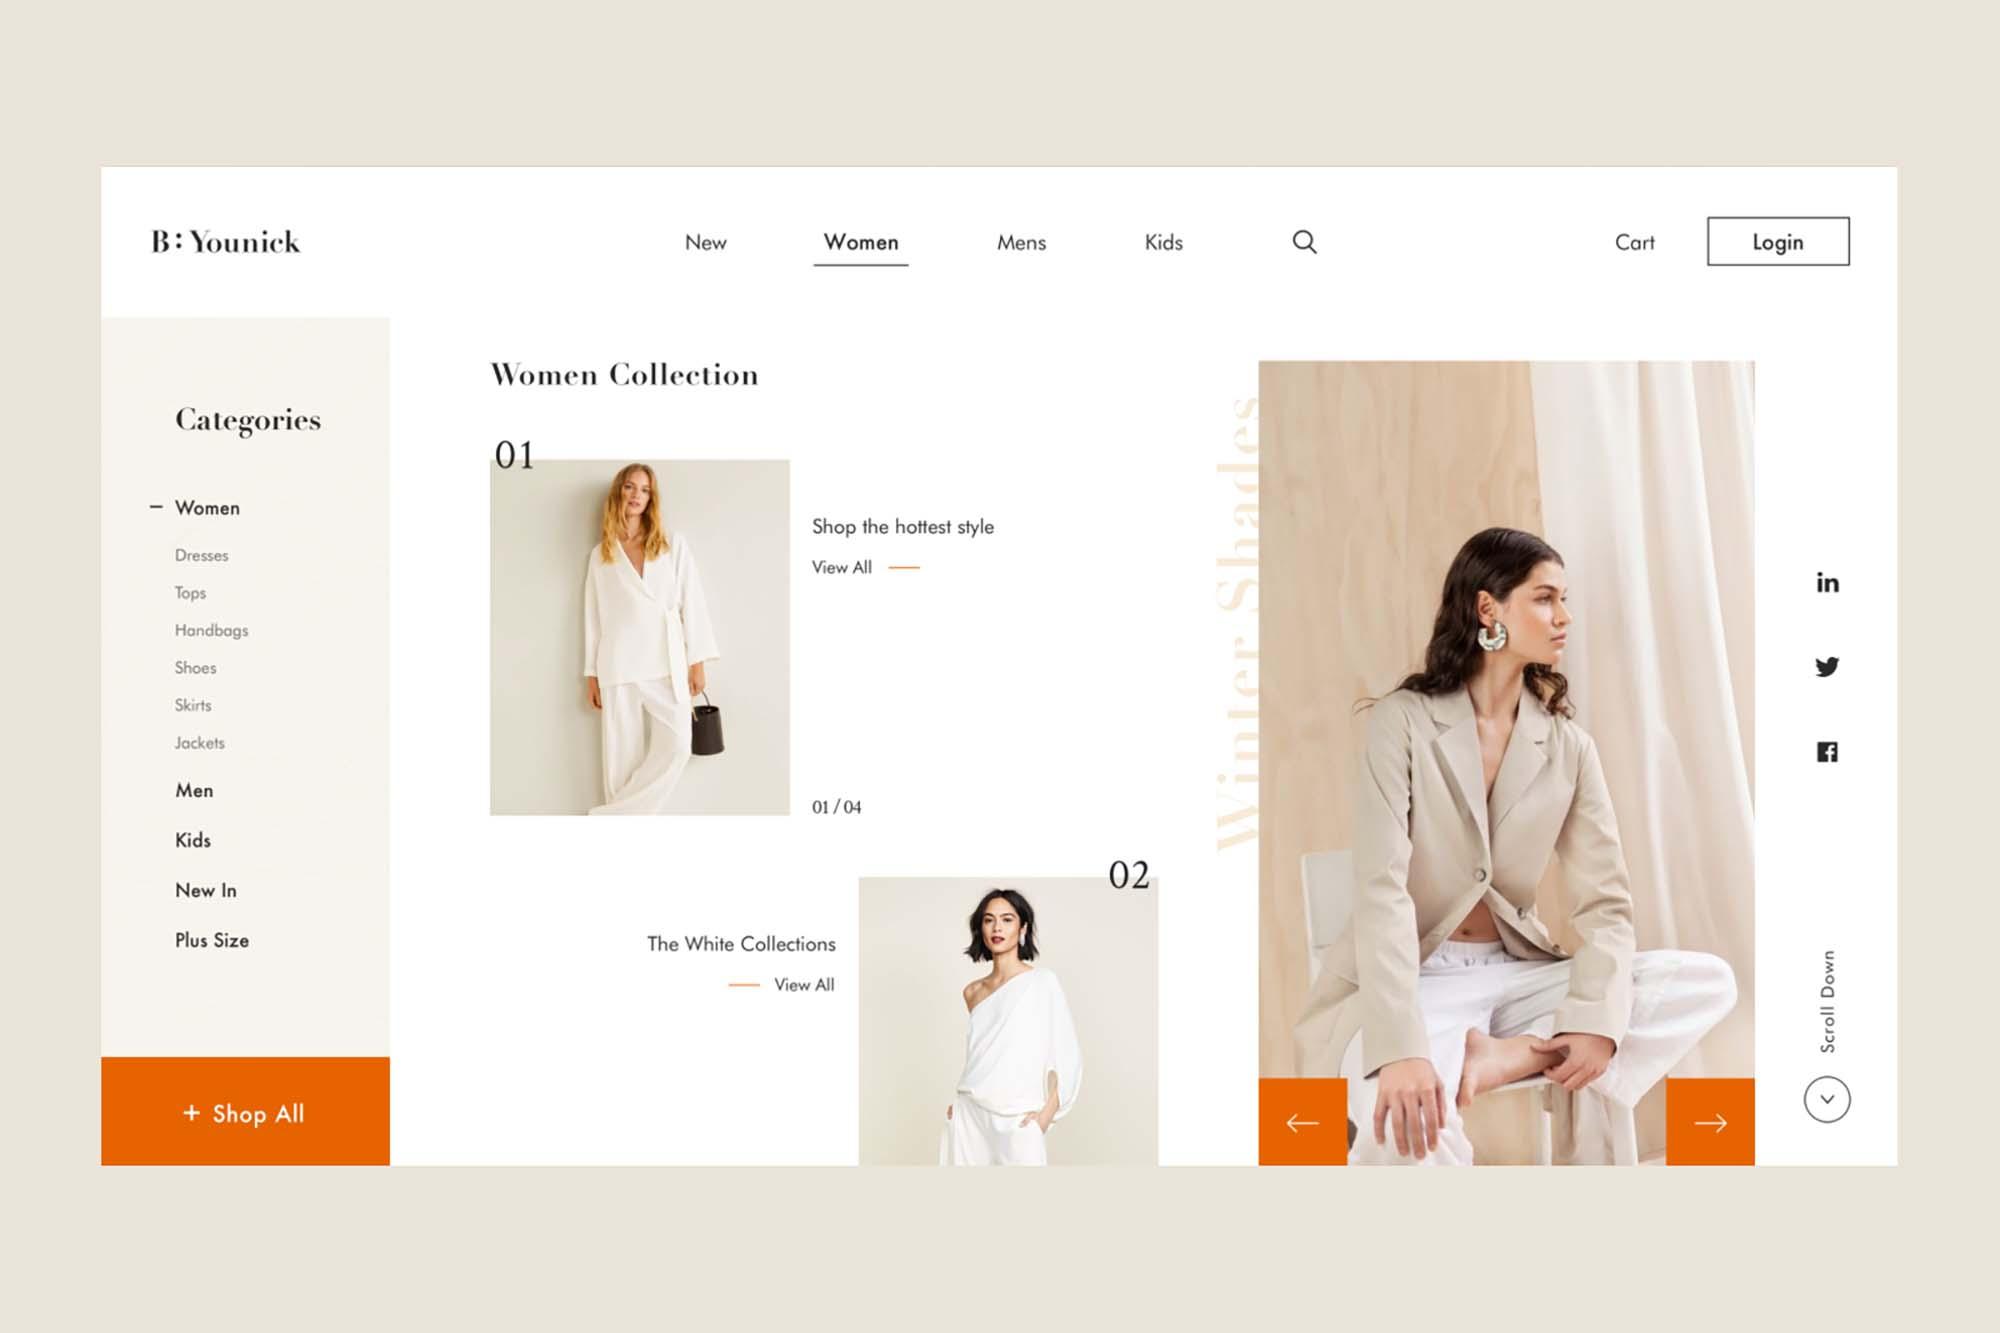 Fashion Web Design Template 2